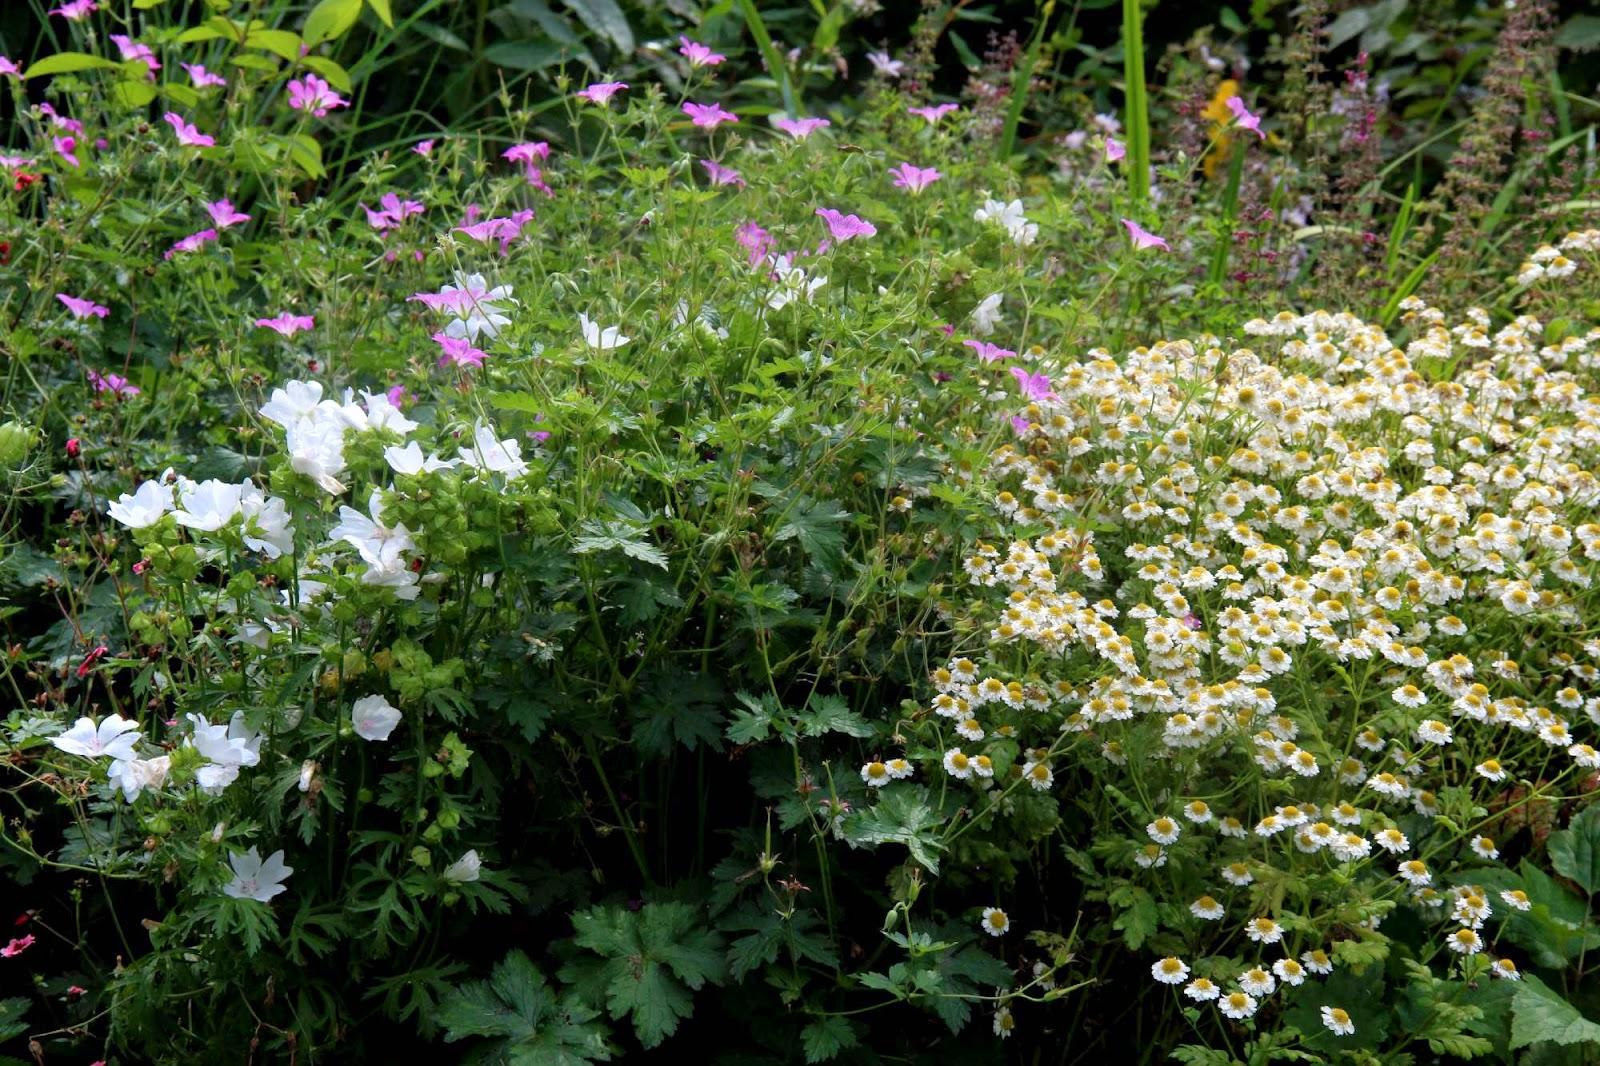 Je suis au jardin dans le beau jardin de fabienne - Beau jardin rose and geranium ...